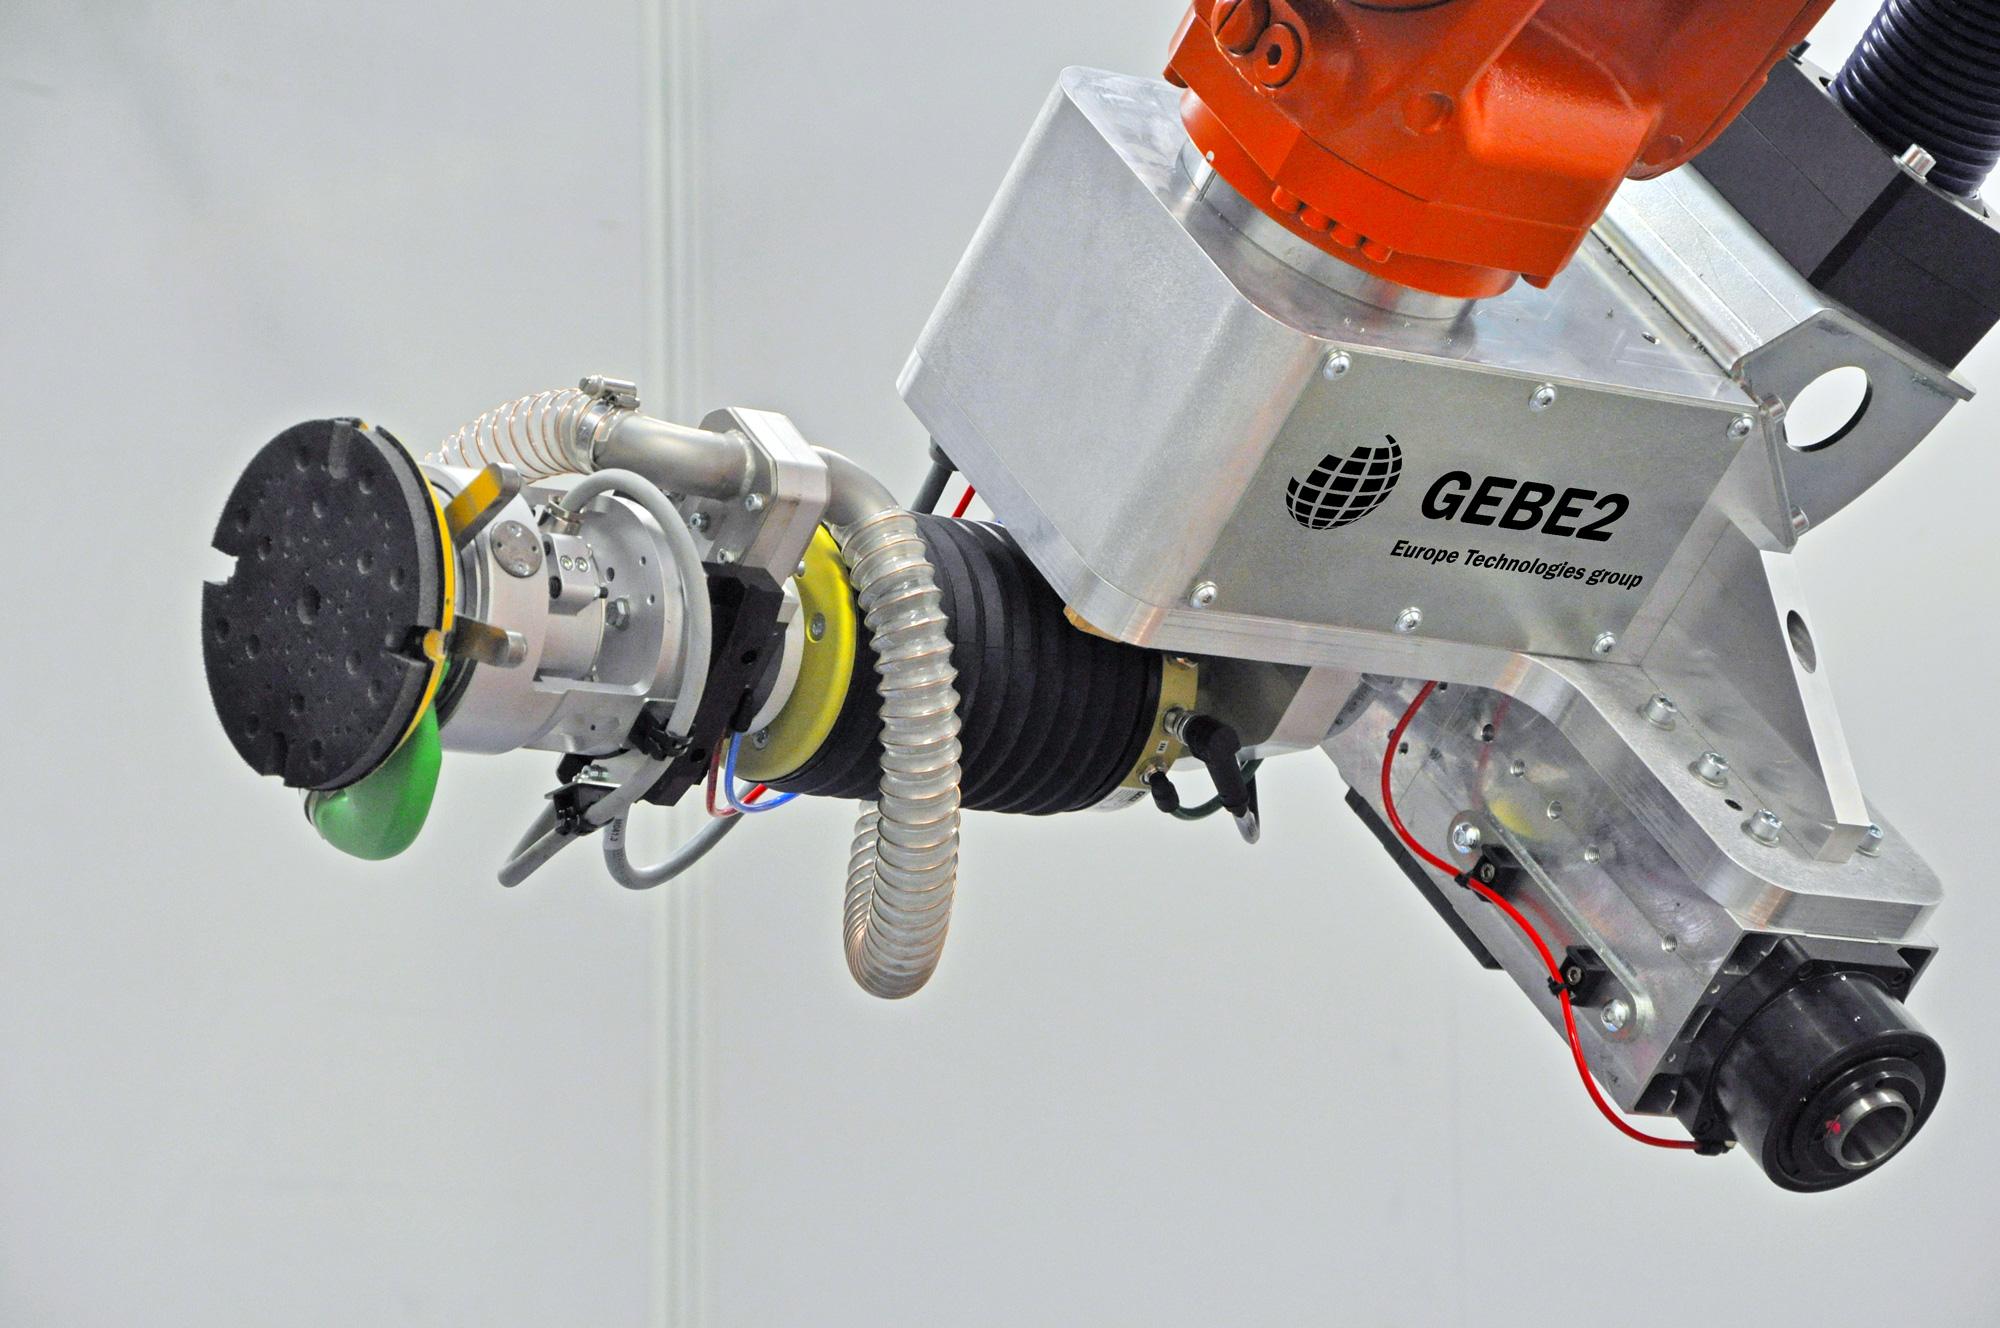 Robotic sanding - Composite sanding